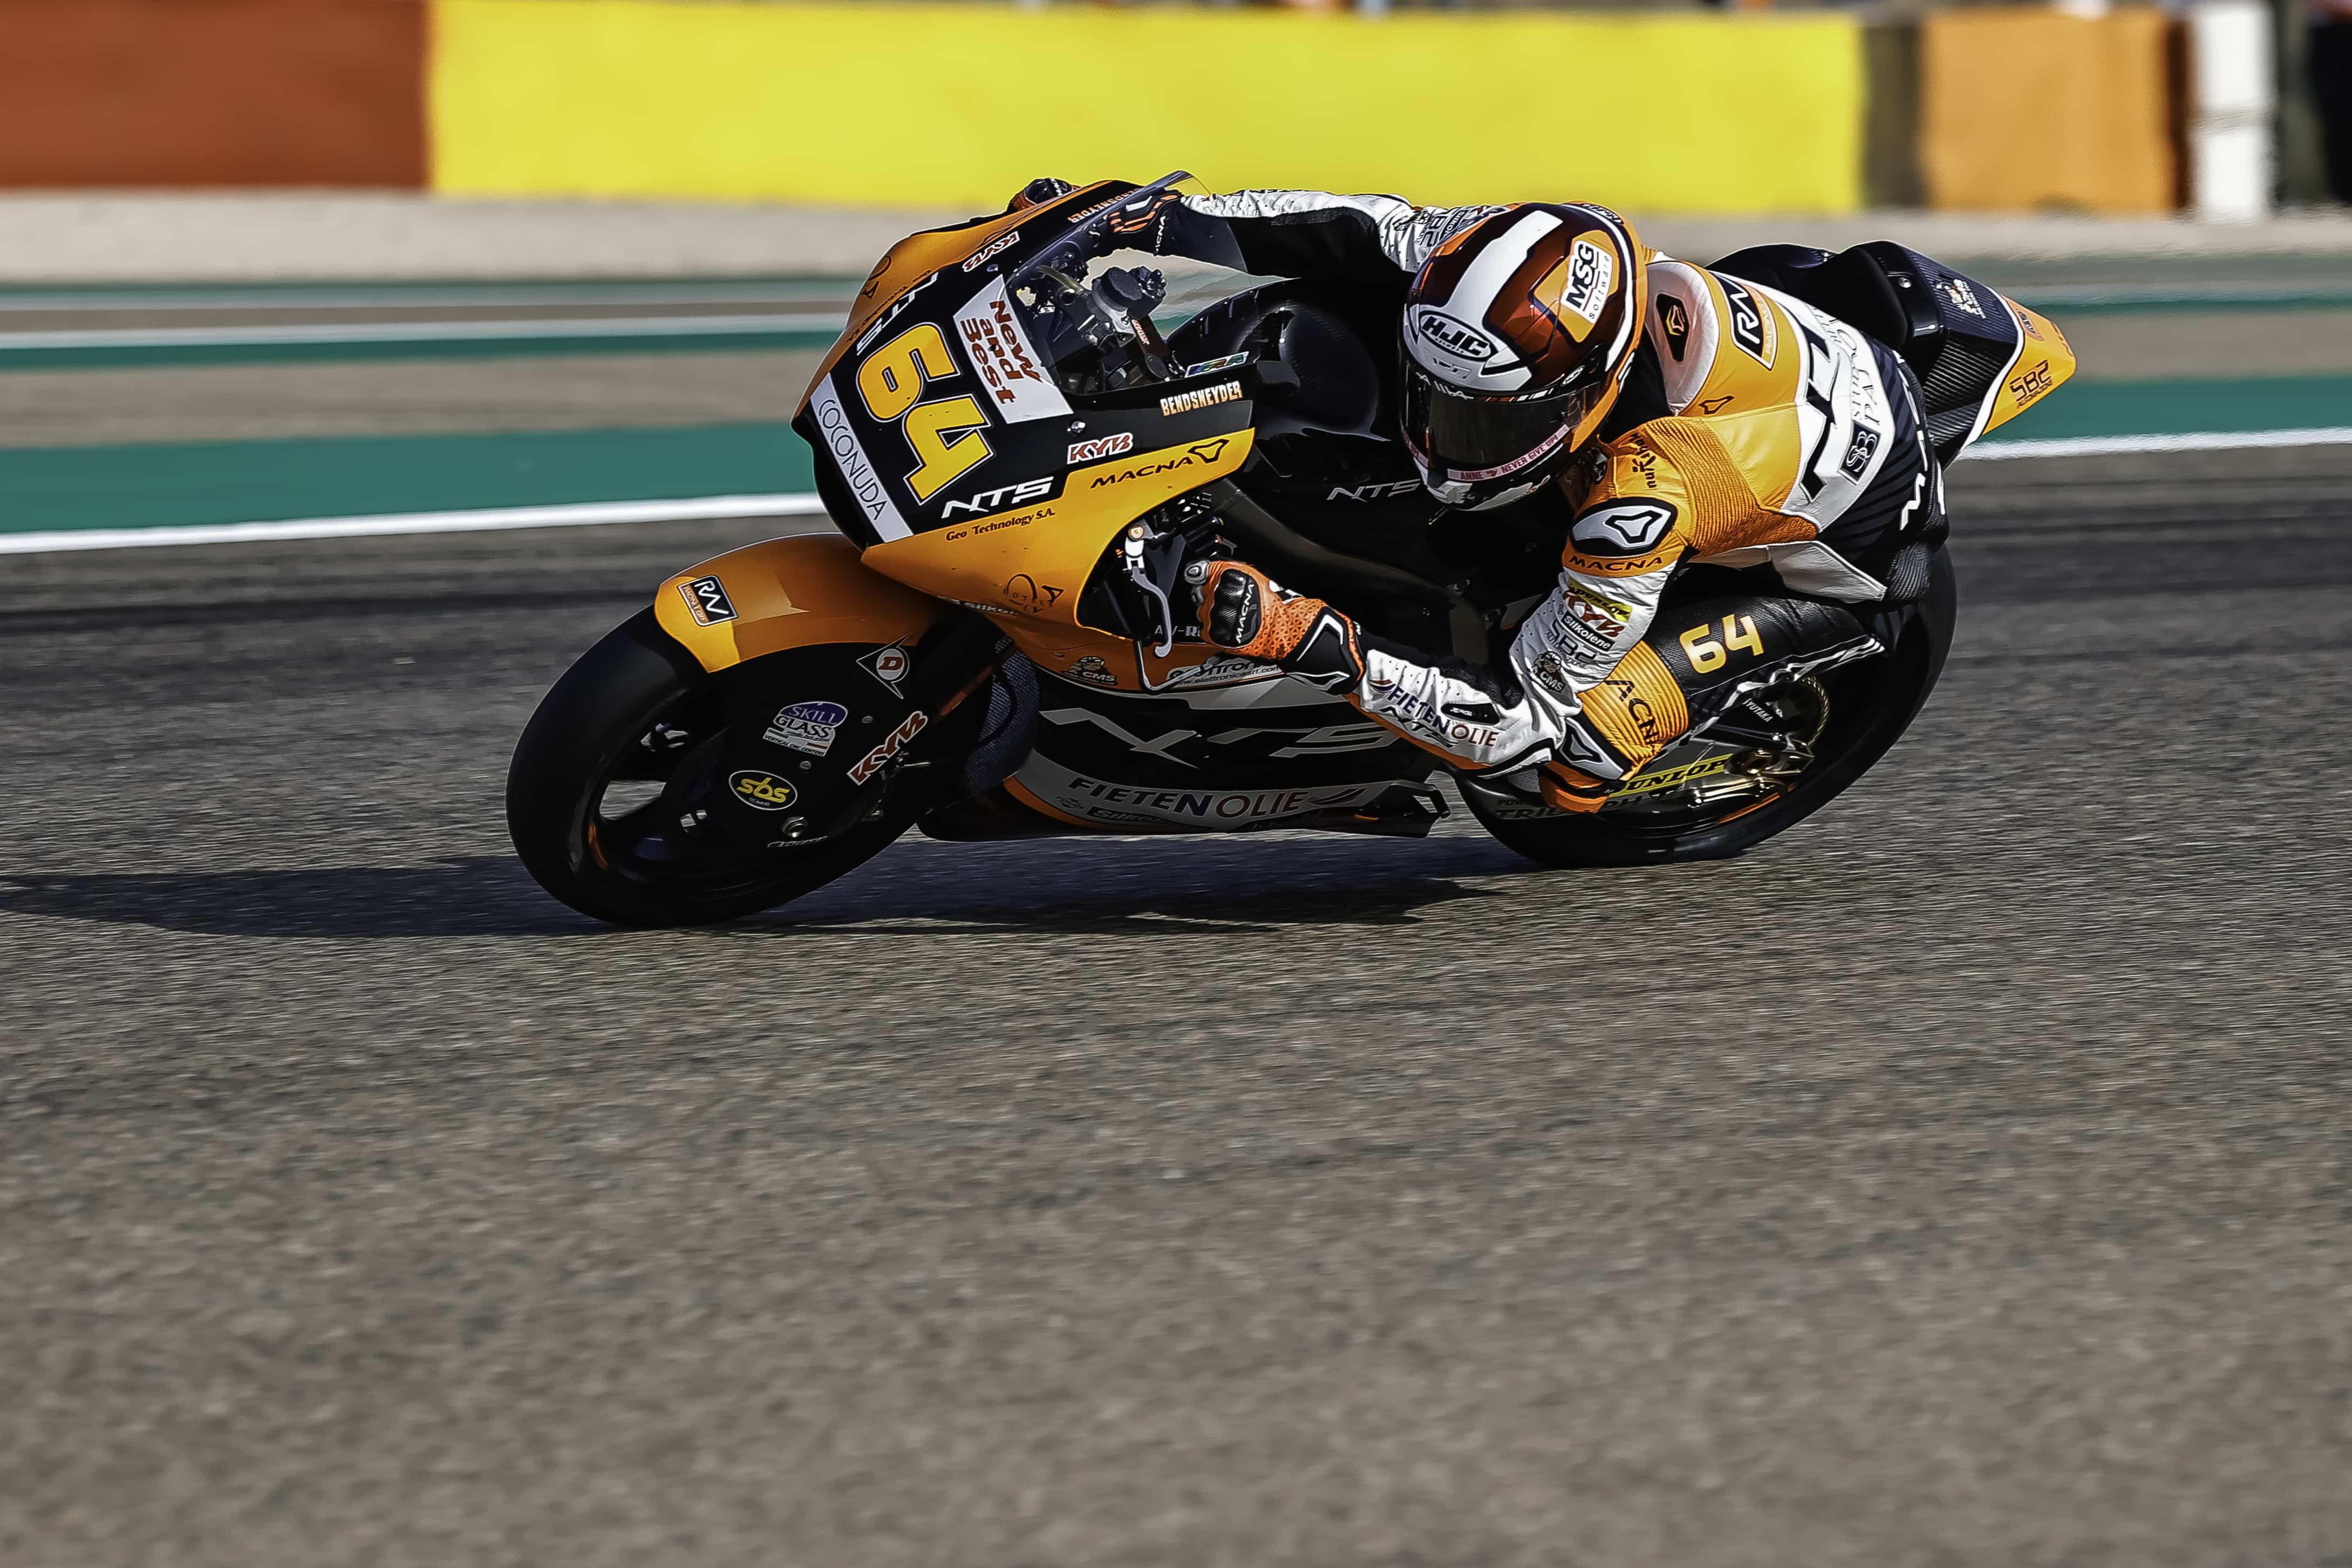 テルエルGP NTS RW Racing GP 公式練習1、公式練習2レポート